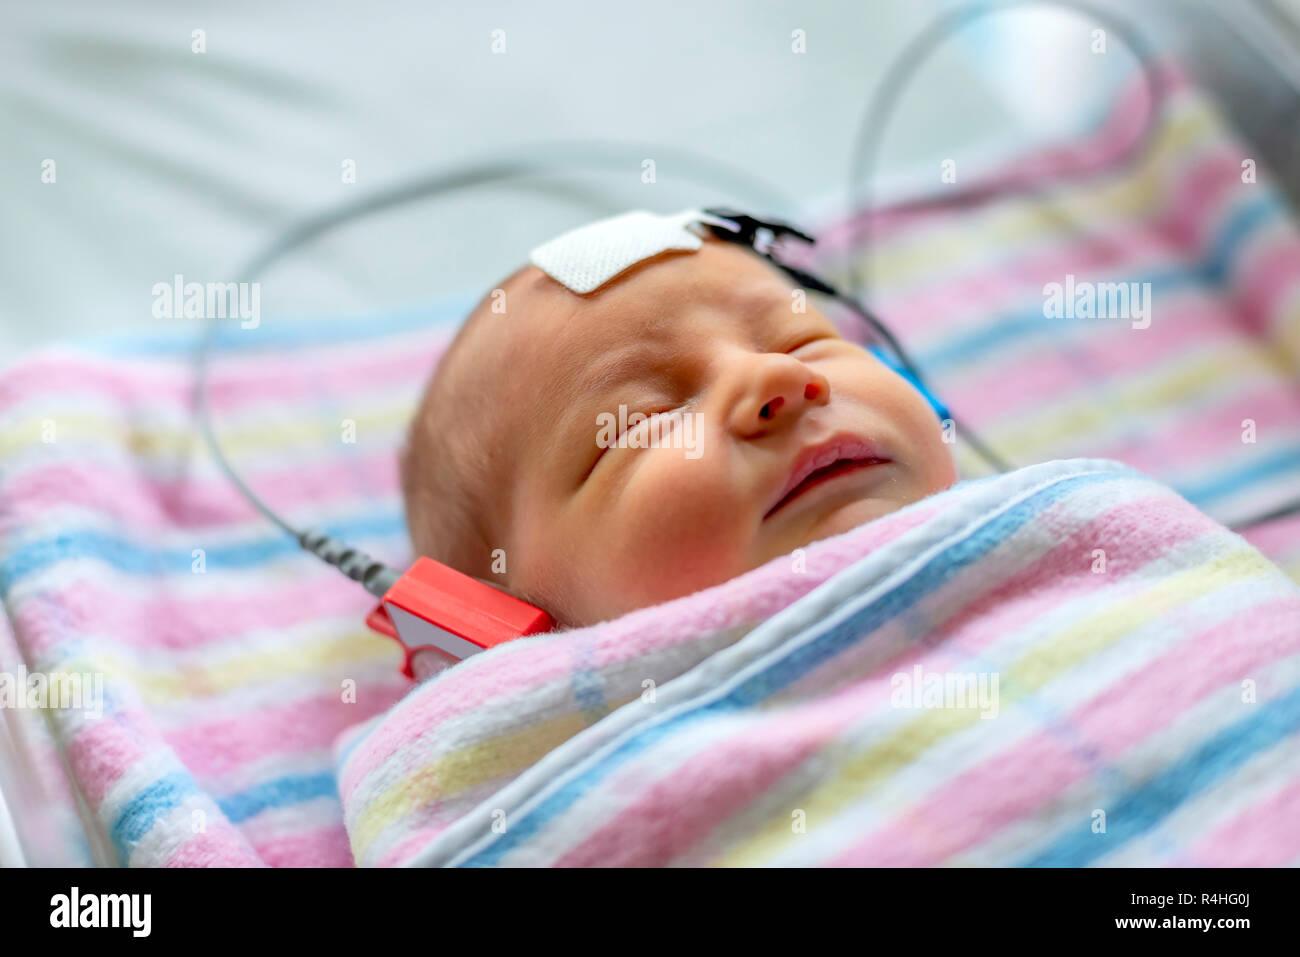 Test de l'audition d'un nouveau-né de dormir à l'hôpital Photo Stock